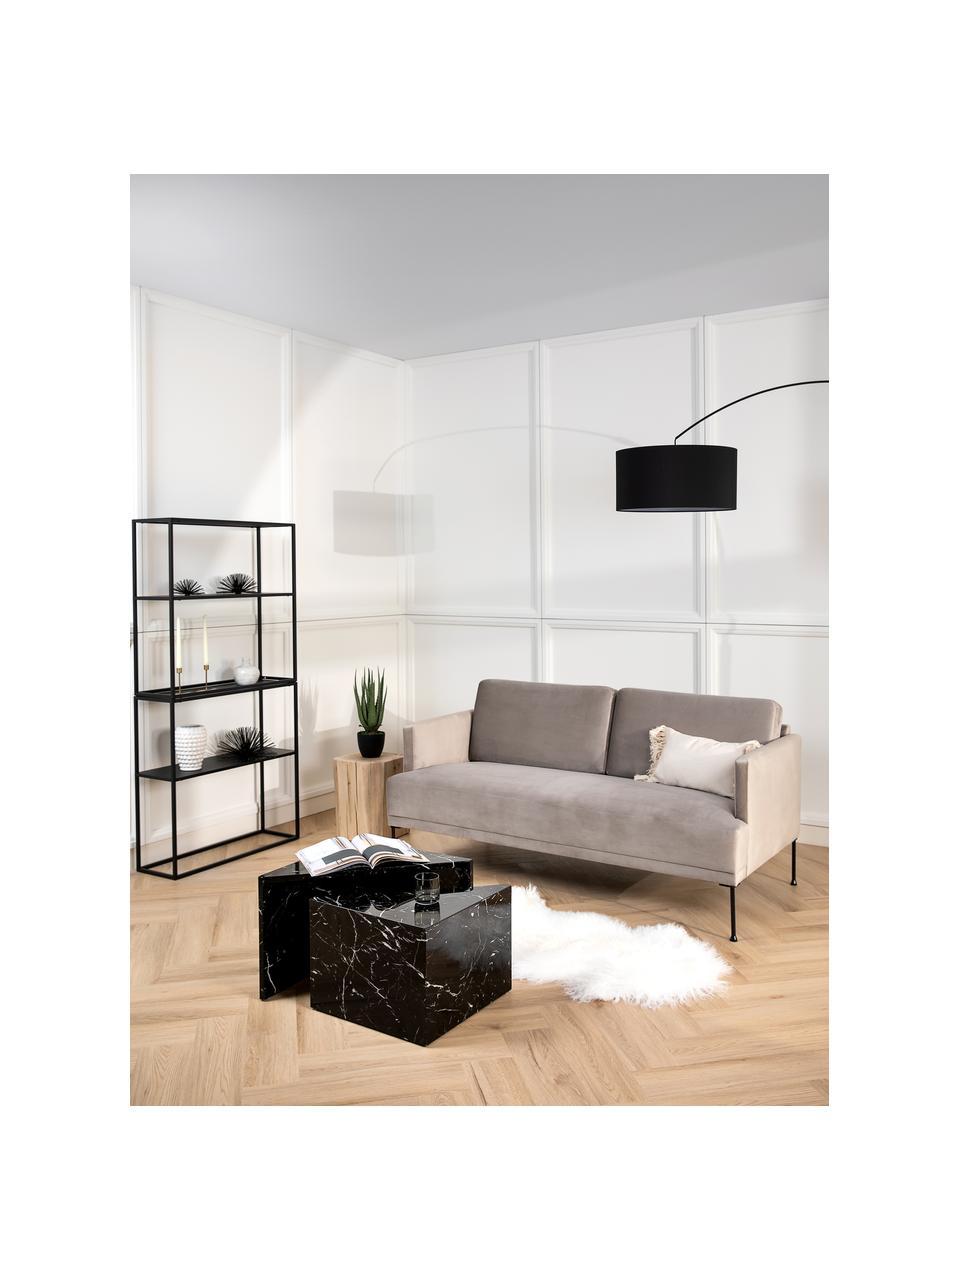 Samt-Sofa Fluente (2-Sitzer) in Beige mit Metall-Füßen, Bezug: Samt (Hochwertiger Polyes, Gestell: Massives Kiefernholz, Füße: Metall, pulverbeschichtet, Samt Beige, B 166 x T 85 cm